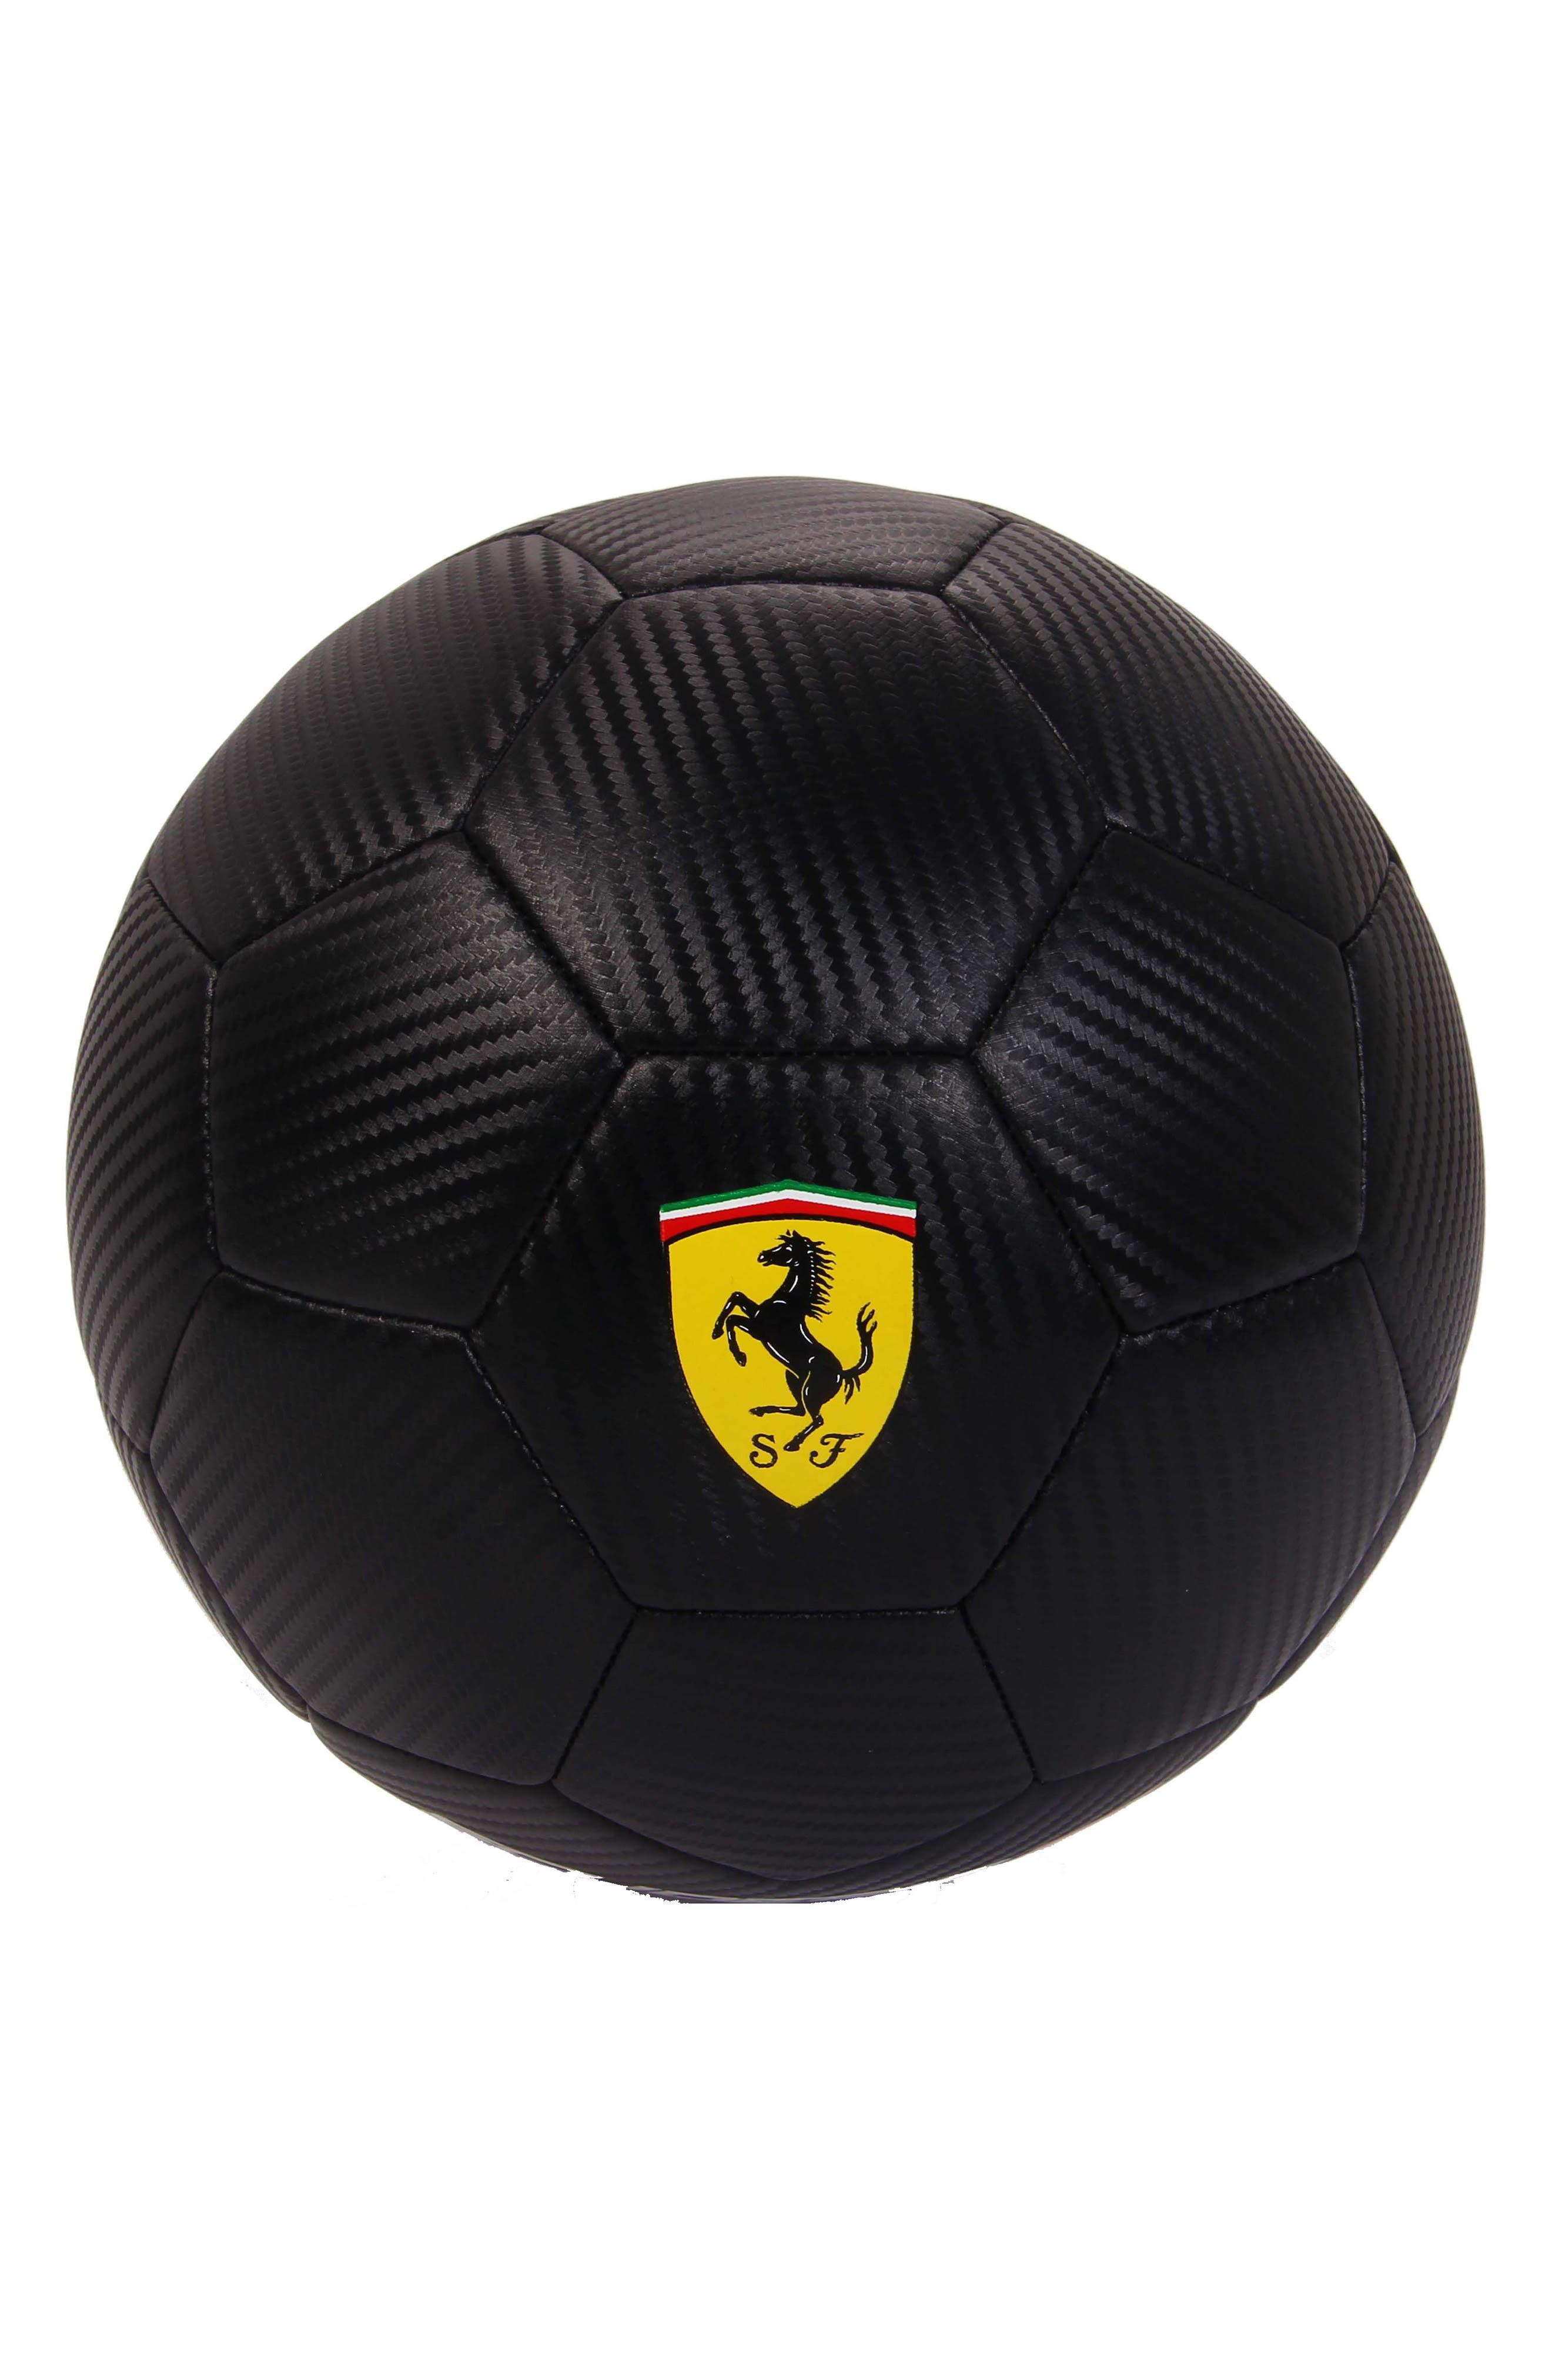 Infant Ferrari No 2 Soccer Ball